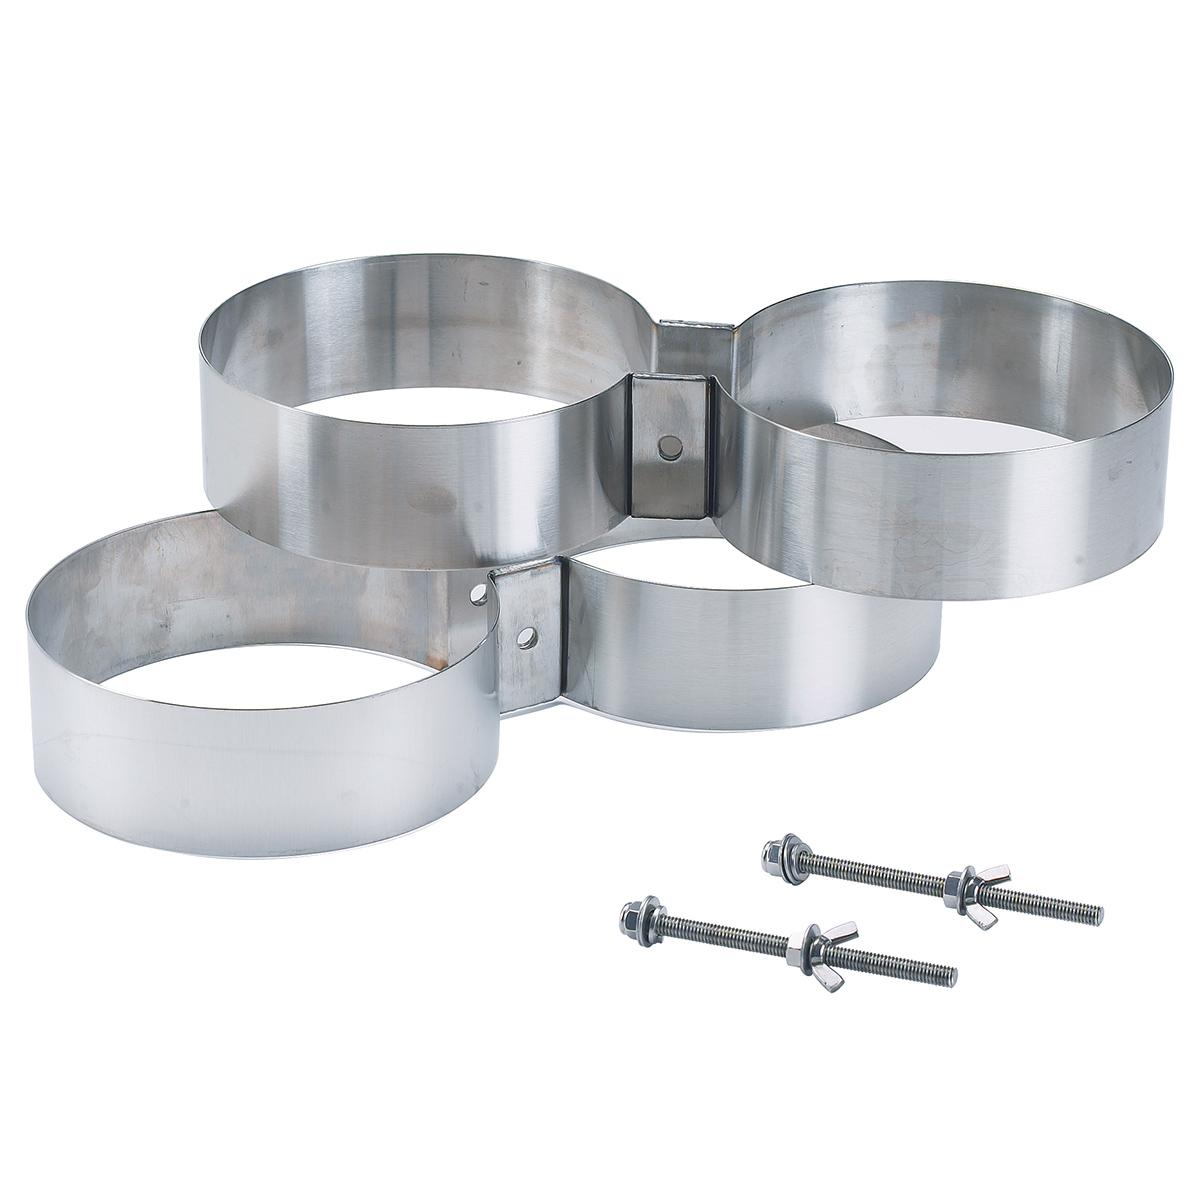 Скоби за сдвояване на водолазни бутилки 171 / 30 мм – BTS